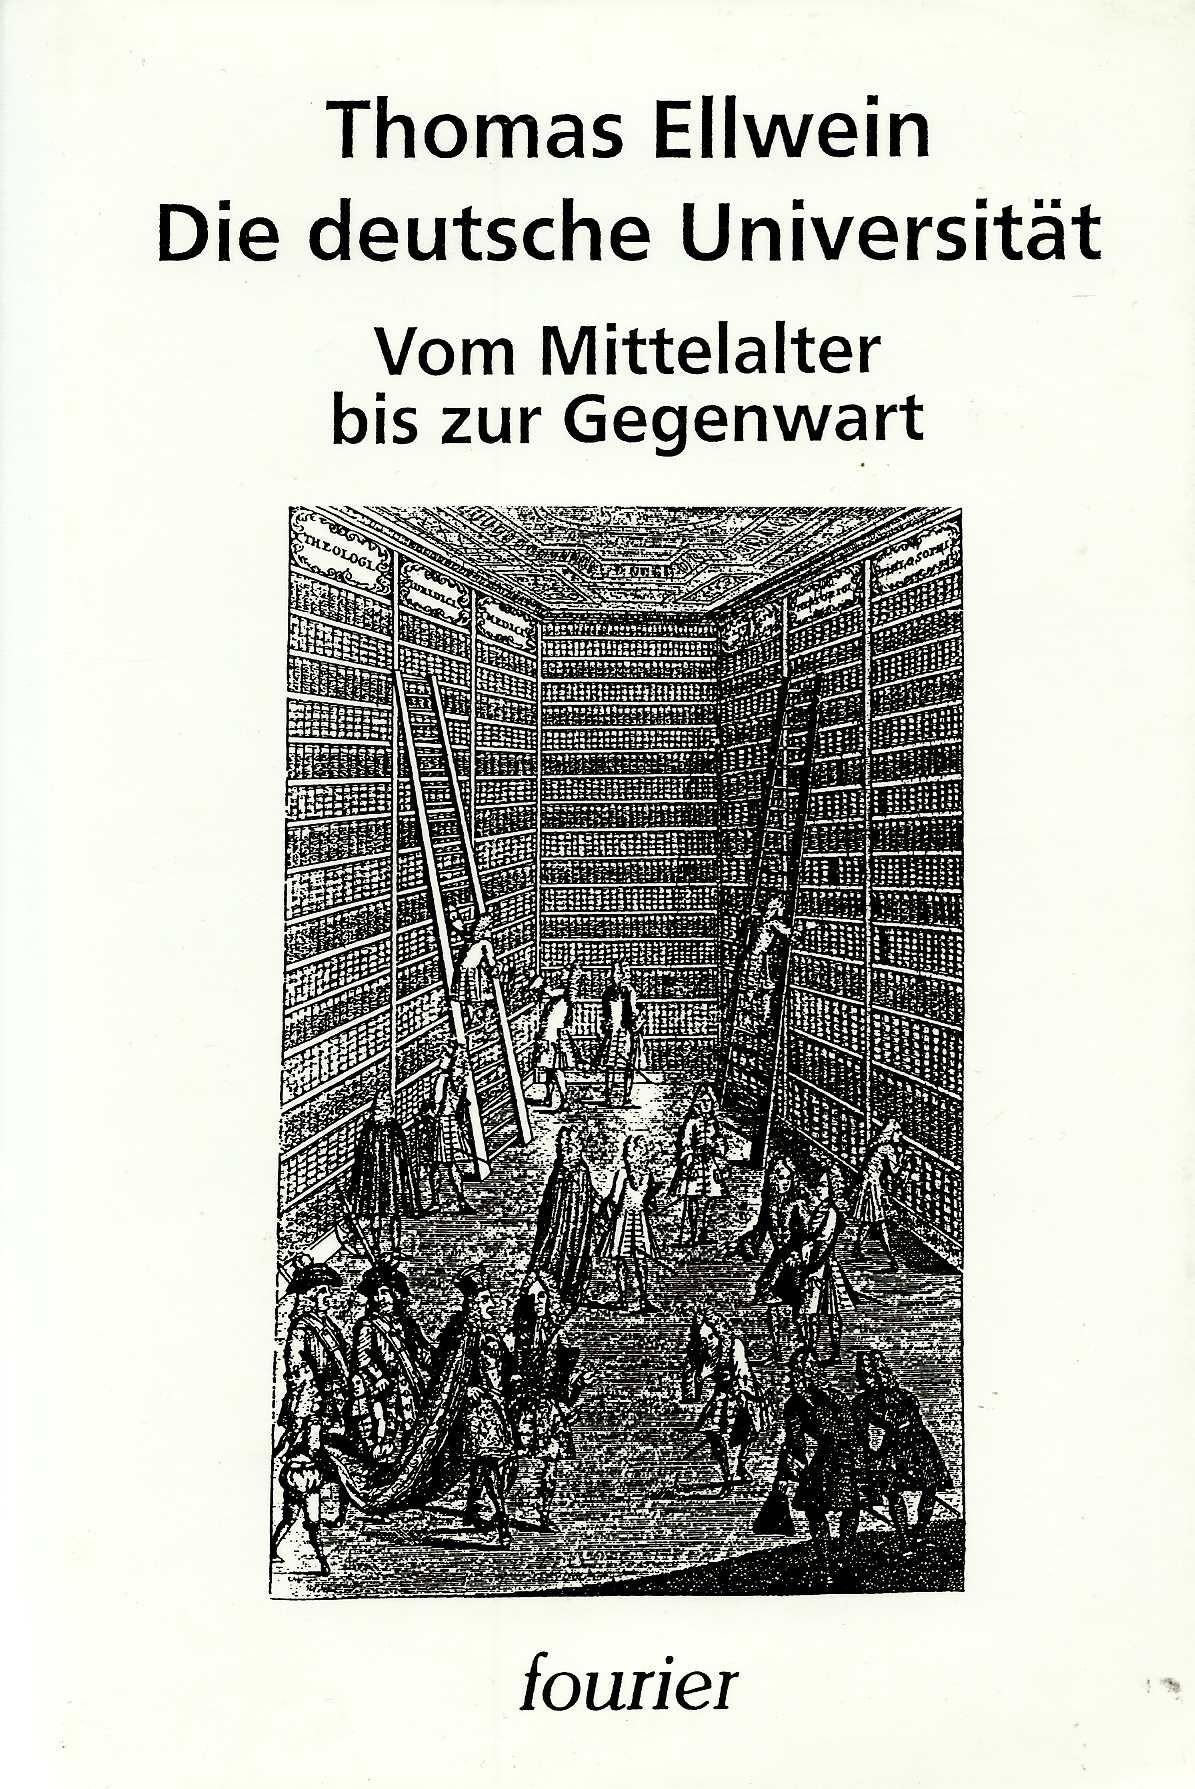 Die deutsche Universität. Vom Mittelalter bis zur Gegenwart